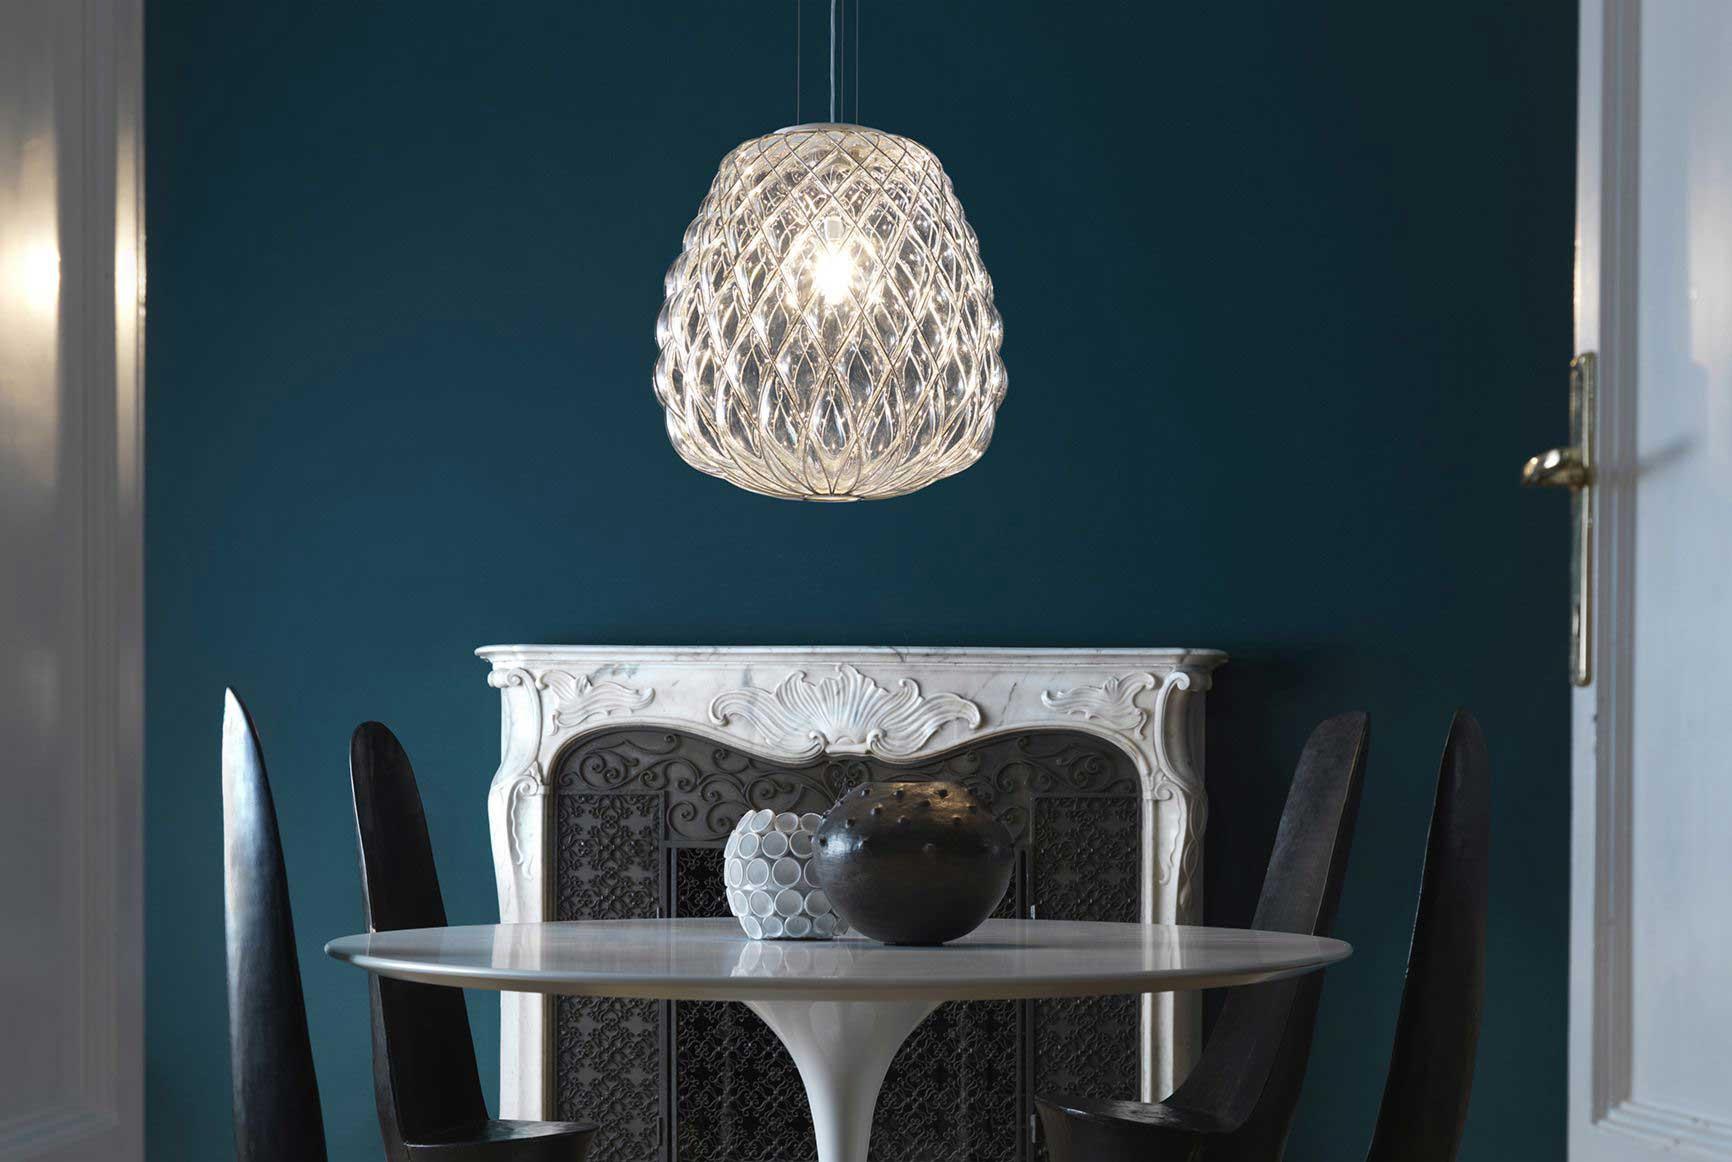 luminaires boudard votre sp cialiste en luminaire depuis 1933. Black Bedroom Furniture Sets. Home Design Ideas